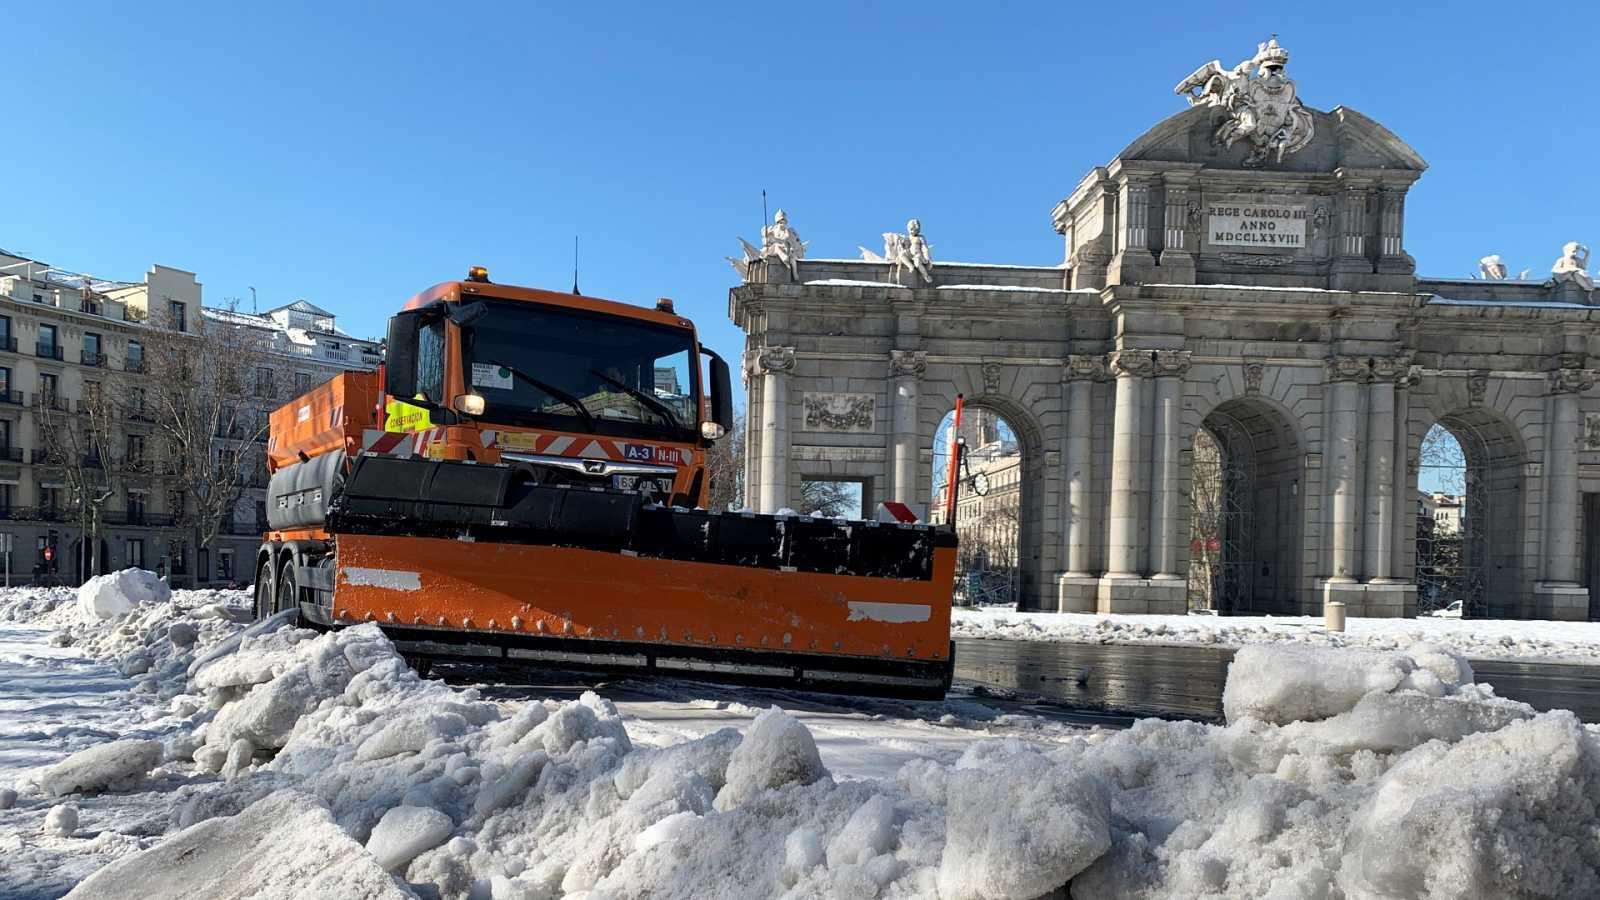 Una máquina quitanieves realiza labores de limpieza junto a la Puerta de Alcalá.